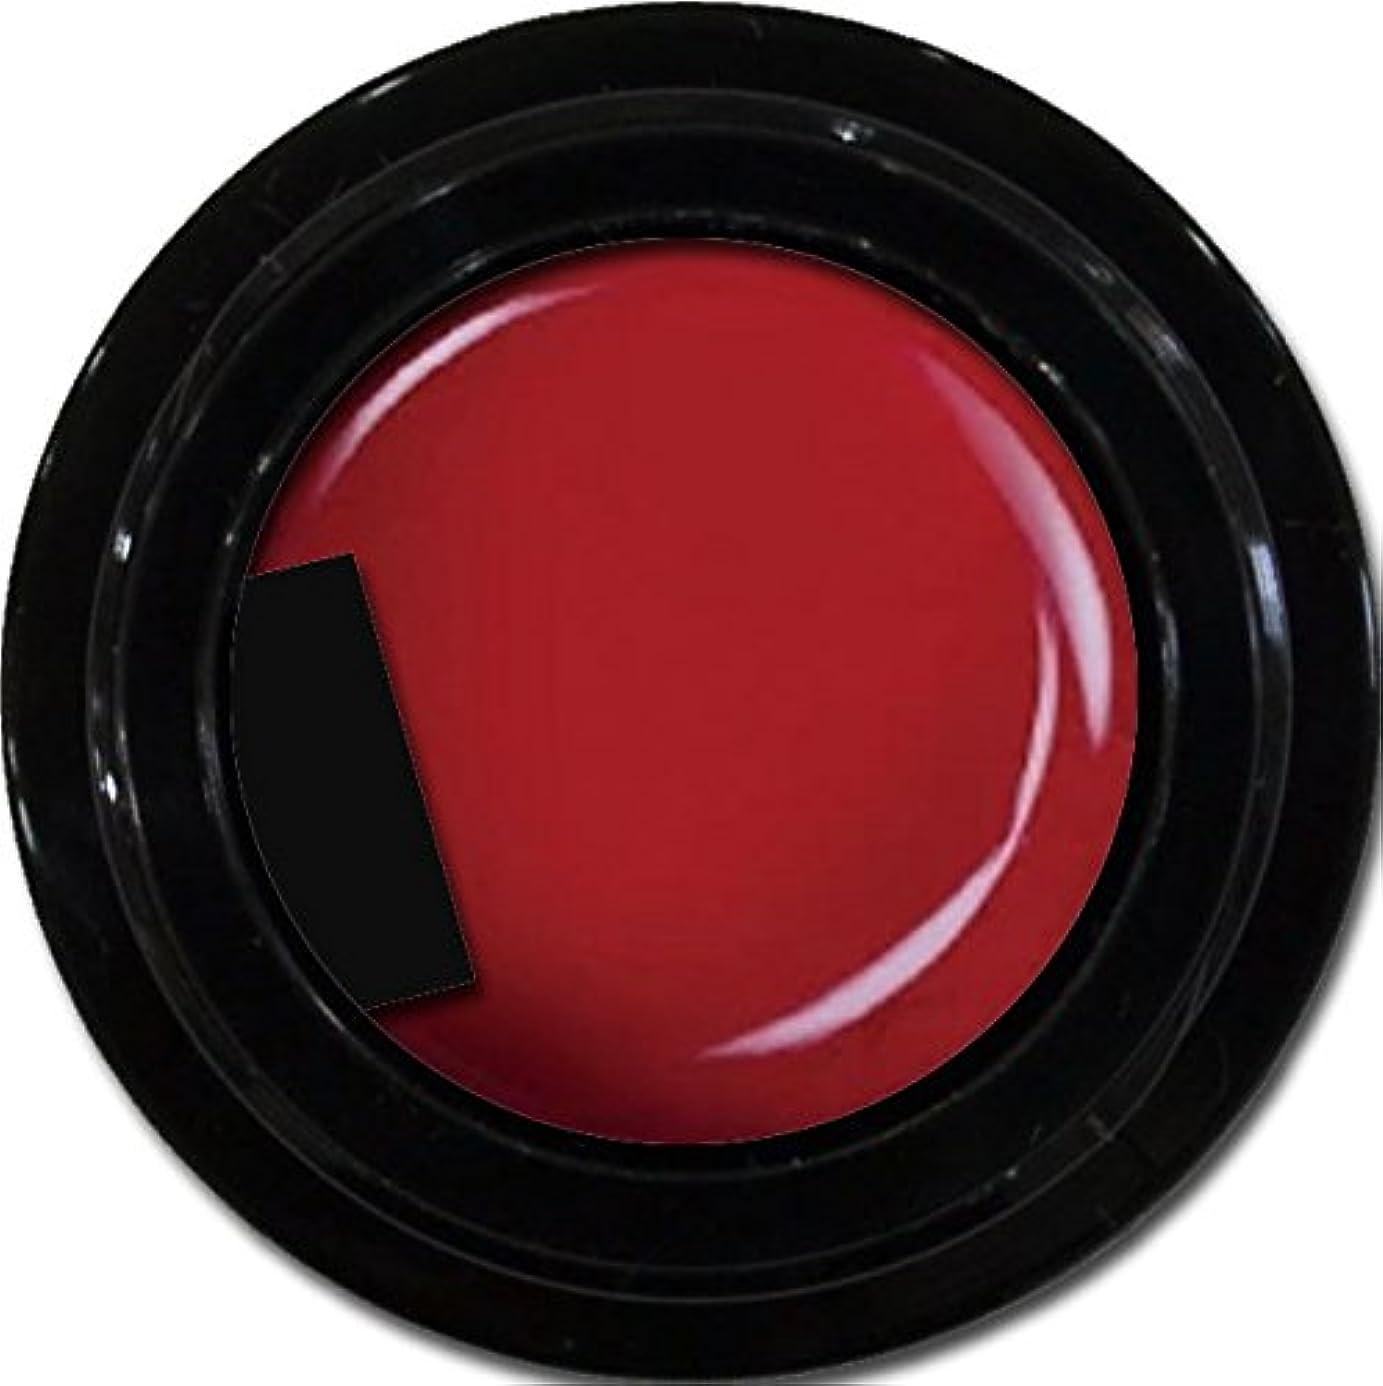 韓国語スワップからに変化するカラージェル enchant color gel M401 ShinyRed 3g/ マットカラージェル M401 シャイニーレッド 3グラム